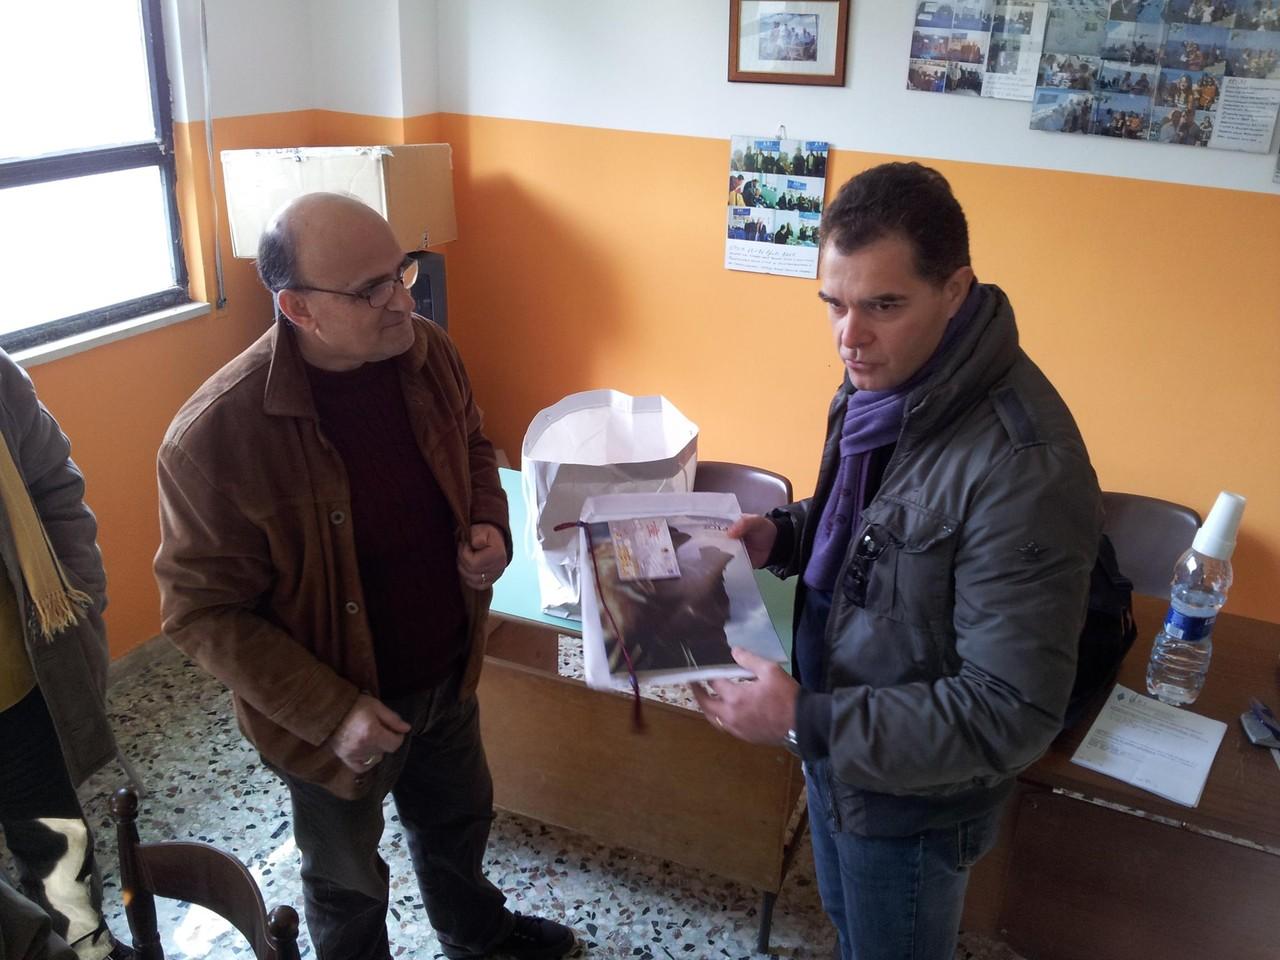 Molto gradita la visita dei colleghi dell'ARI Messina (IT9ELT Salvatore e IW9FSG Sergio) il quale hanno omaggiato il nostro Presidente di Sezione (IK8TGH Antonio) con alcuni doni in segno di amicizia, rispetto e collaborazione che dura da tantissimi anni.